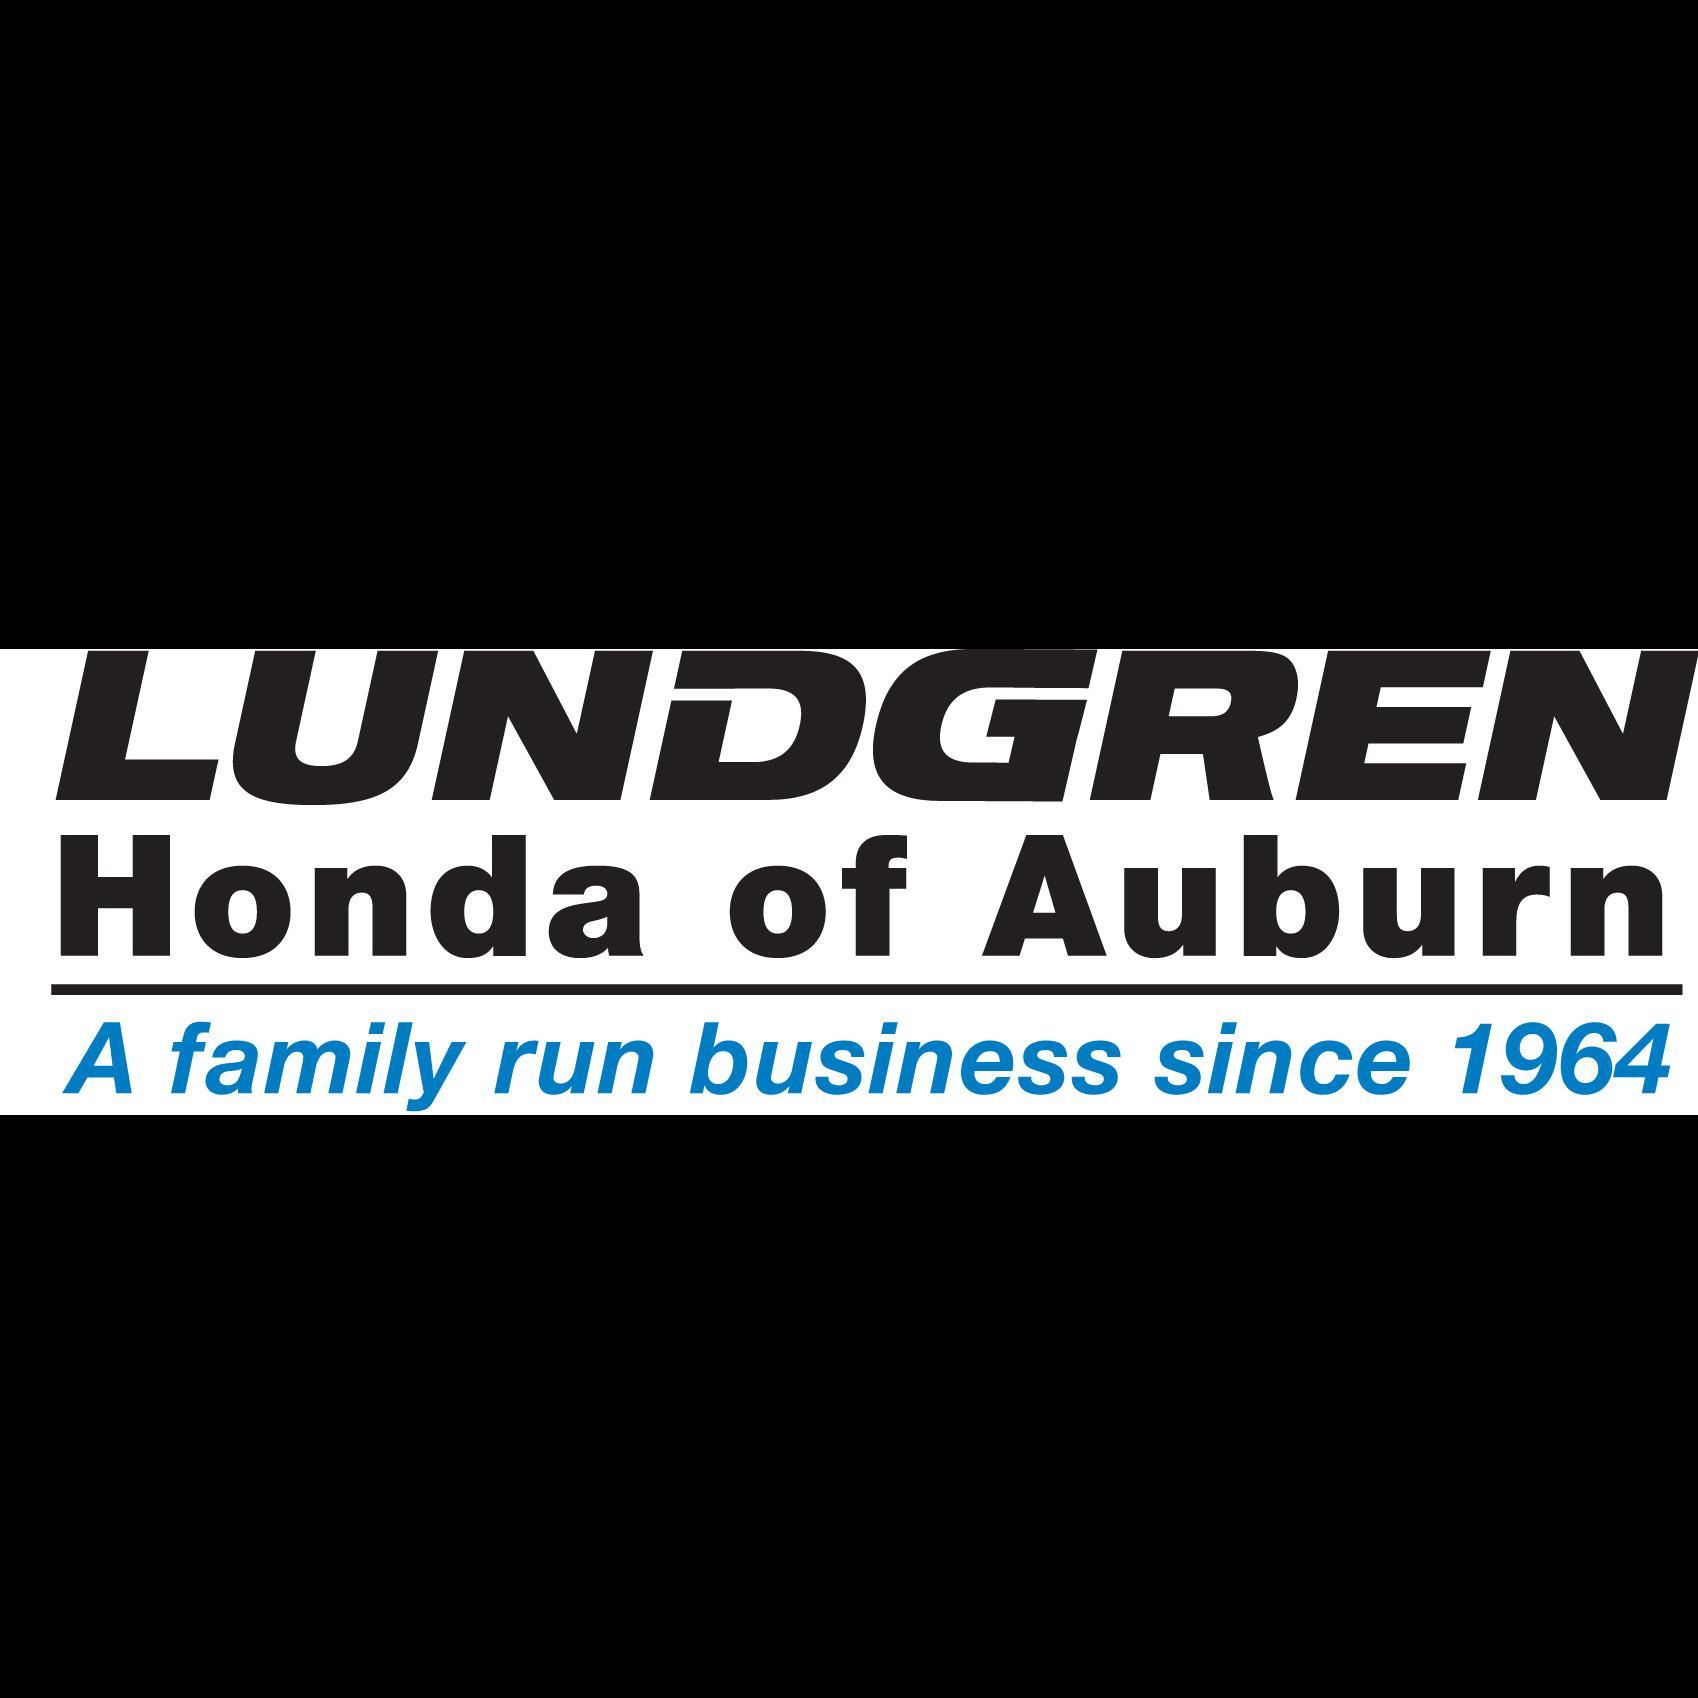 Lundgren Honda of Auburn image 6